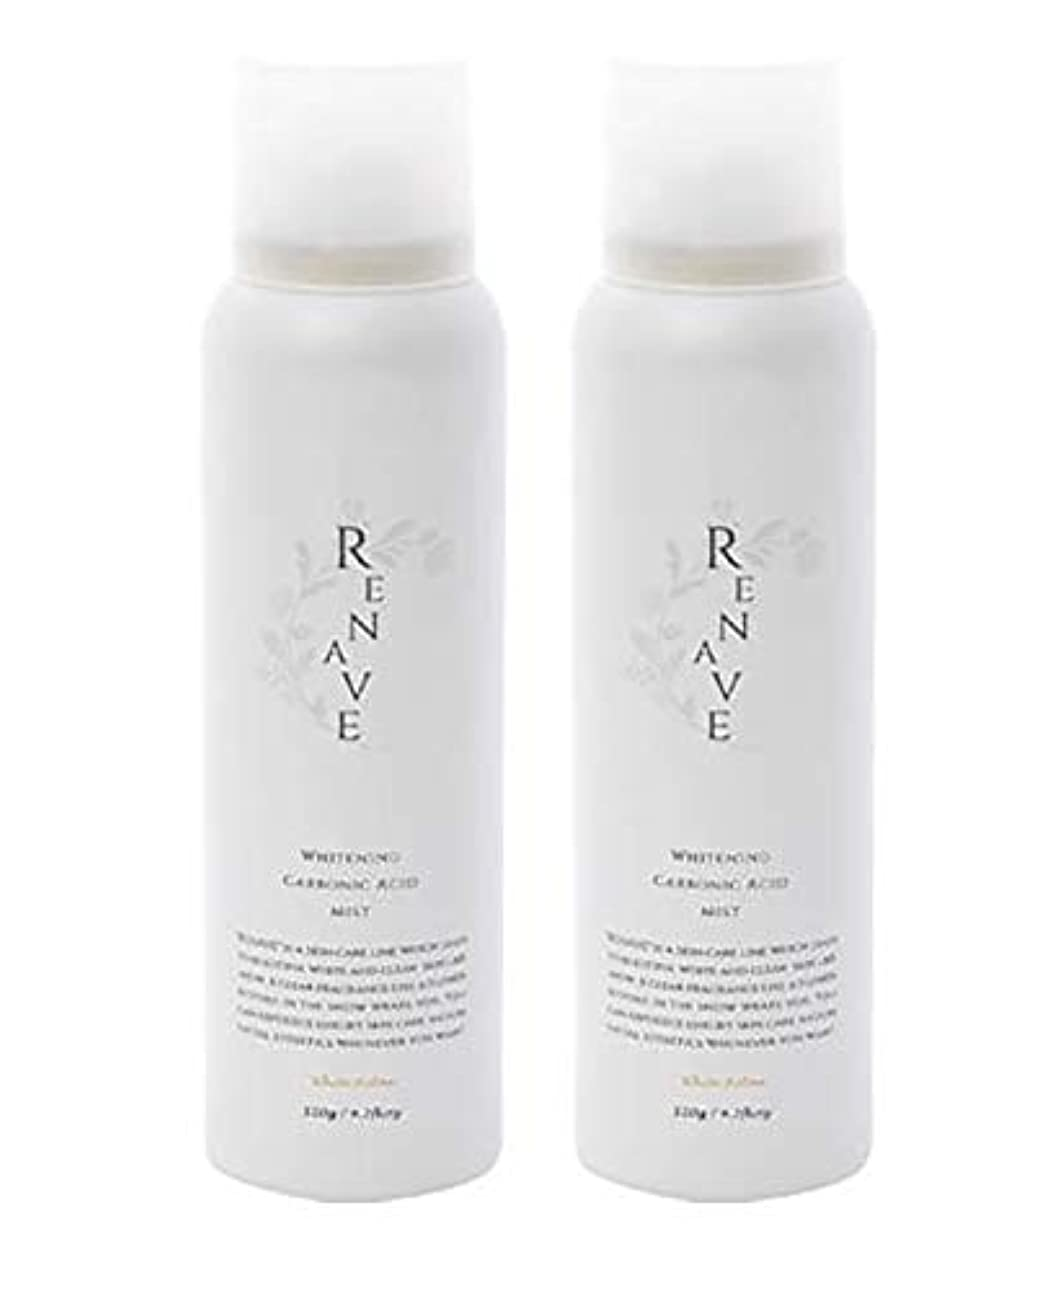 RENAVE(リネーヴェ) 高濃度炭酸ミスト 薬用美白化粧水 120ml 2本セット